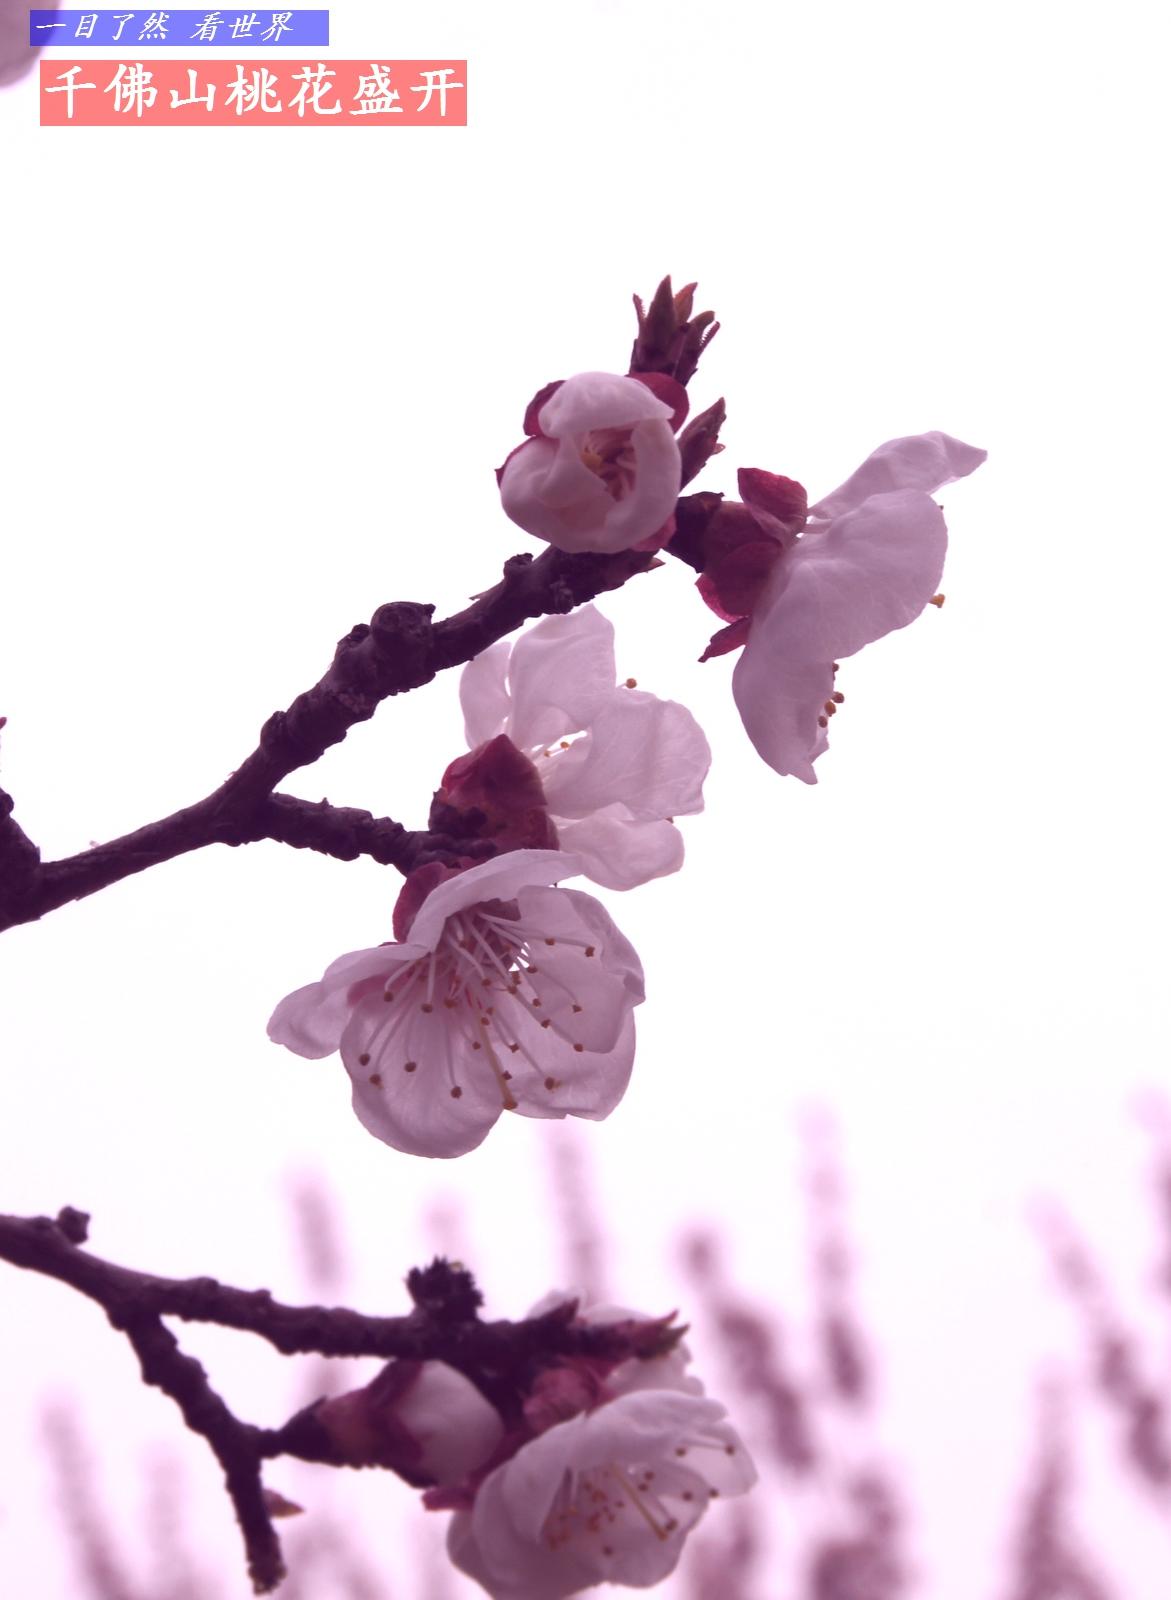 千佛山迎春花-桃花盛开-19-1600.jpg